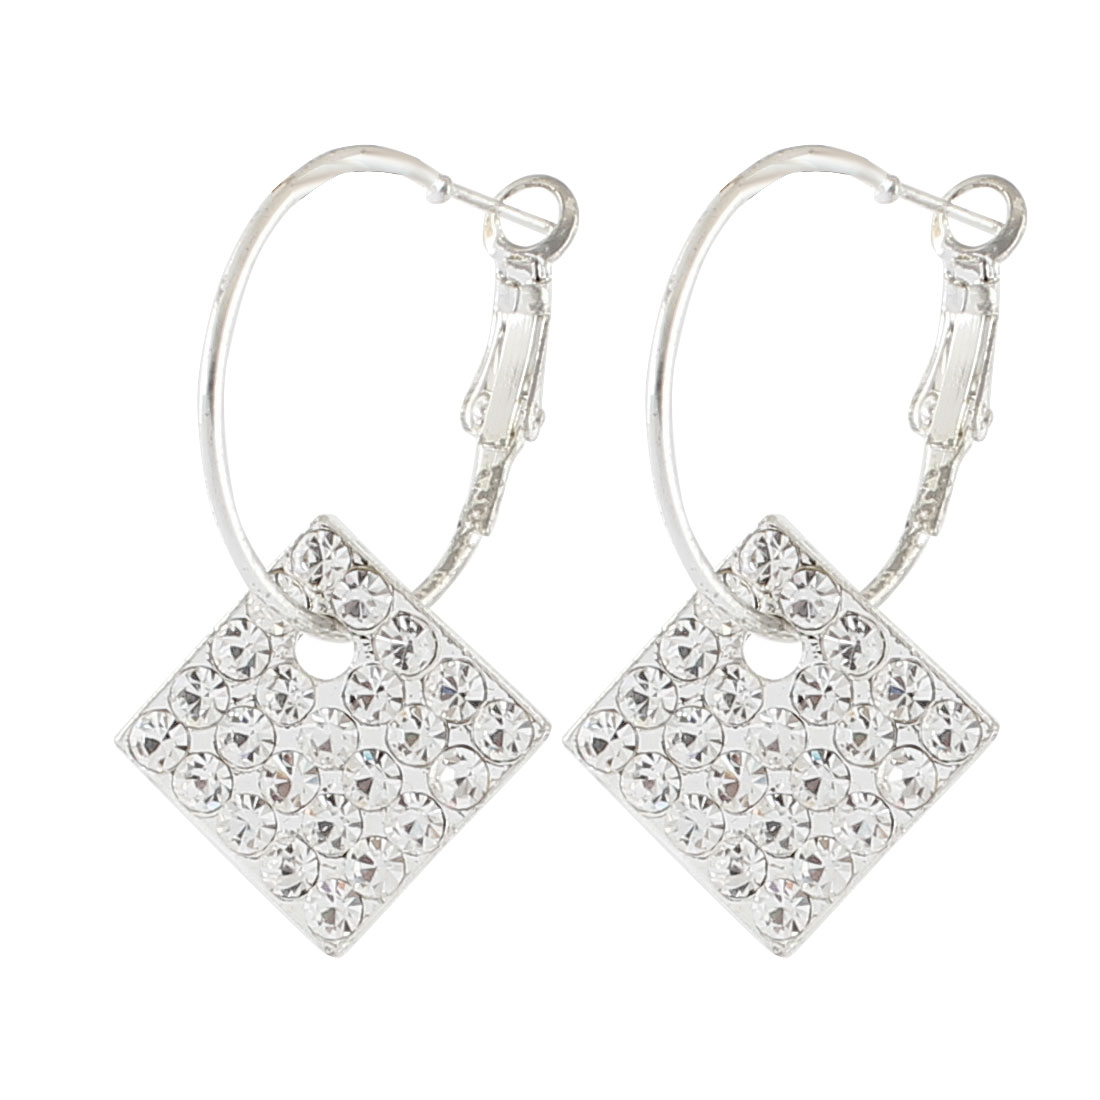 Woman Metal Ring Rhinestones Inlaid Quadrate Pendant Hook Earrings White Pair